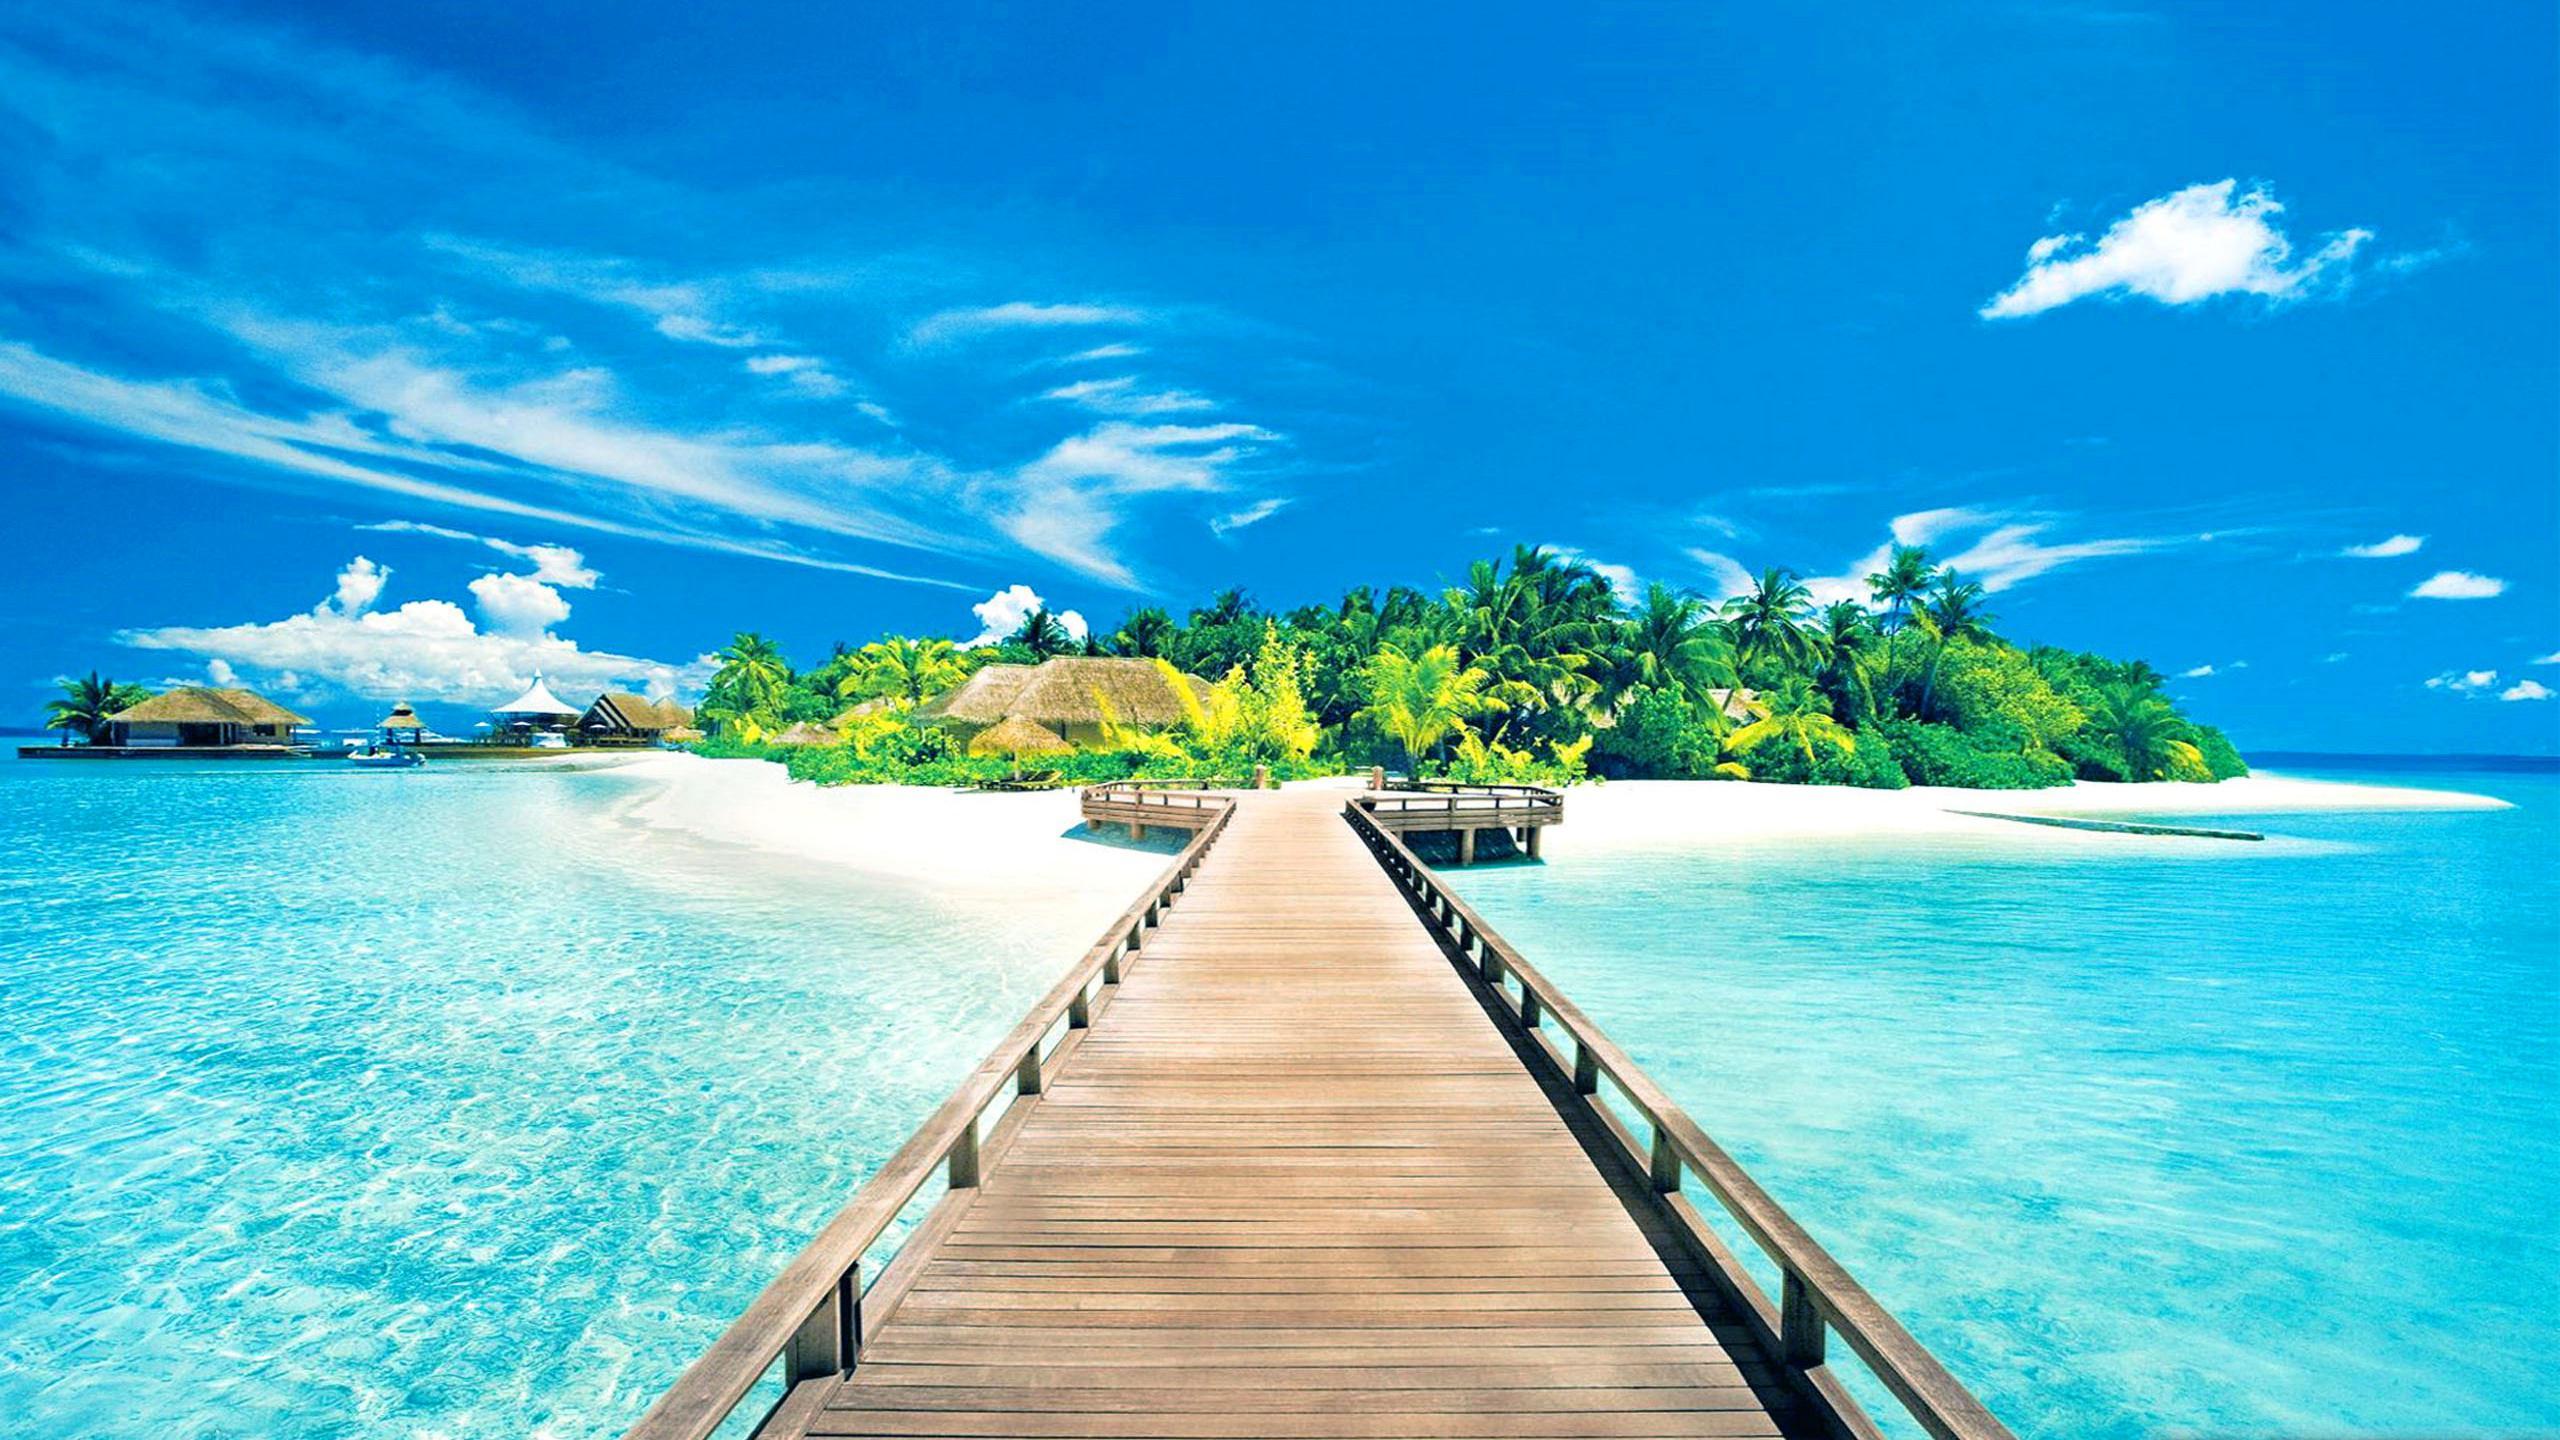 Wallpaper clipart tropical Beach Island Tropical  Island